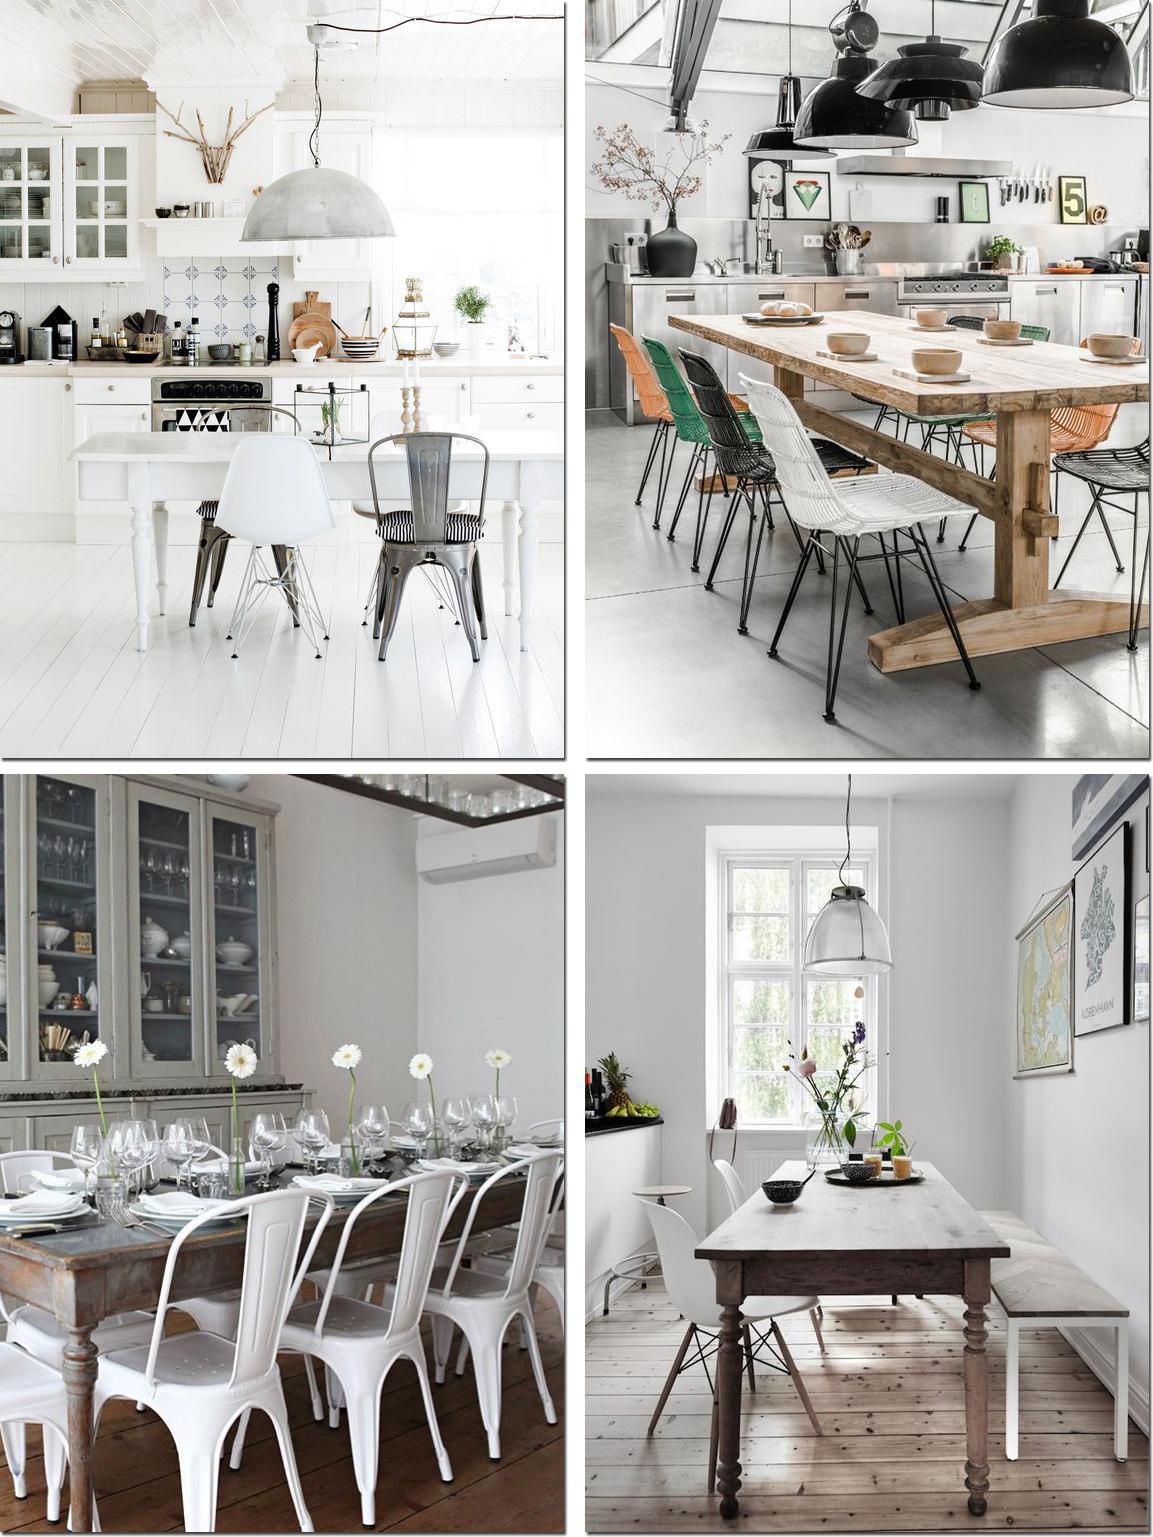 Sedie unire il rustico al moderno shabby chic interiors for Sedie per soggiorno moderno